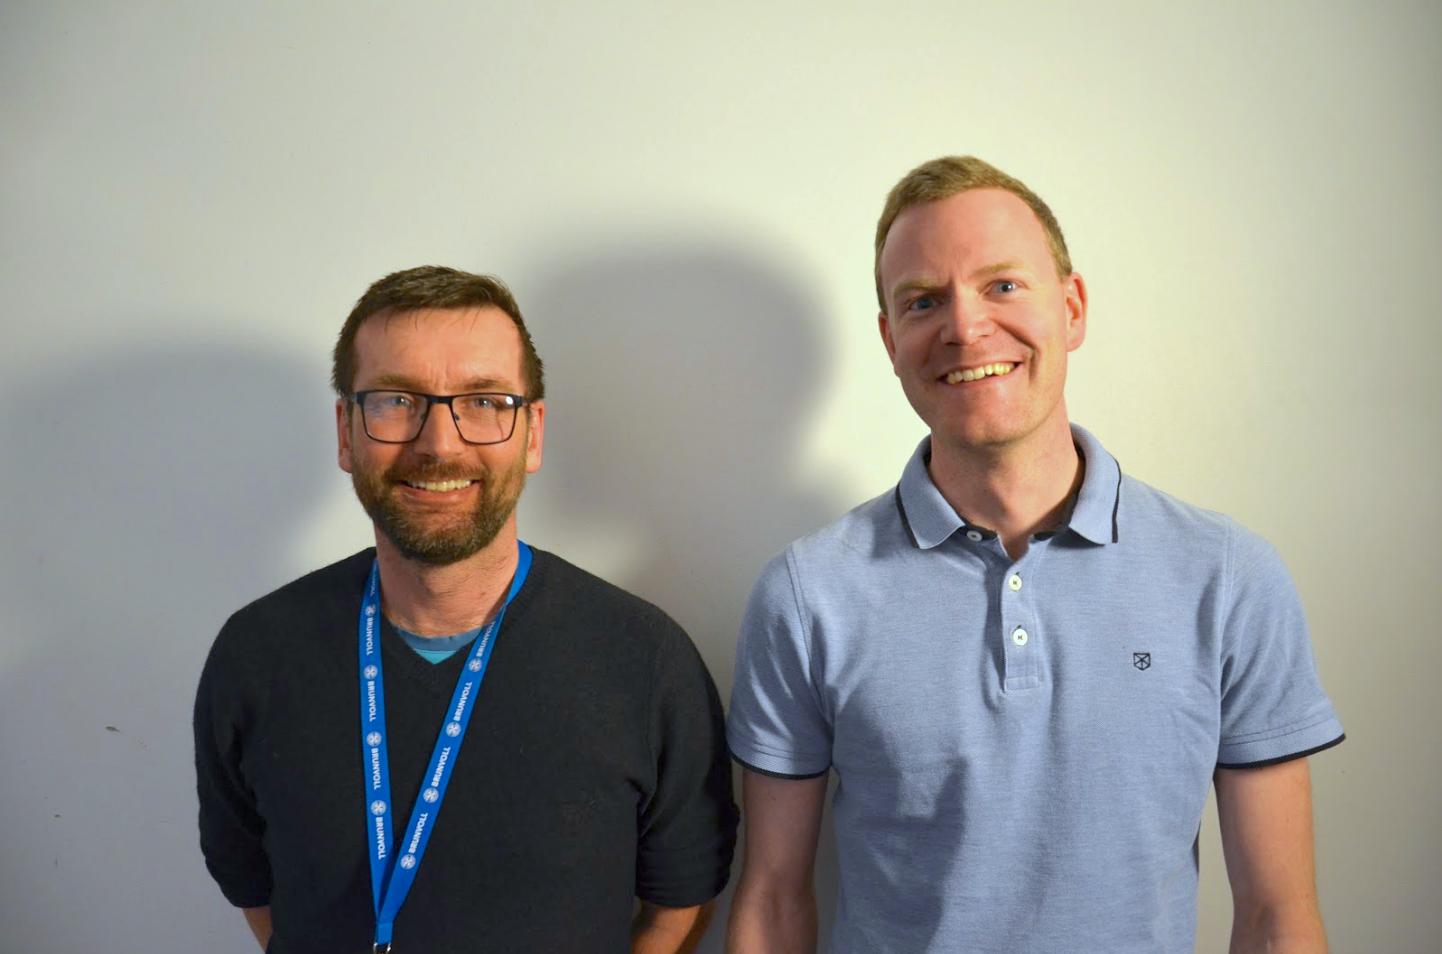 Applikasjonsdesigner Terje Lønset og elektroingeniør Espen Løkseth fra Brunvoll var godt fornøyde med kurset i maskinlæring.